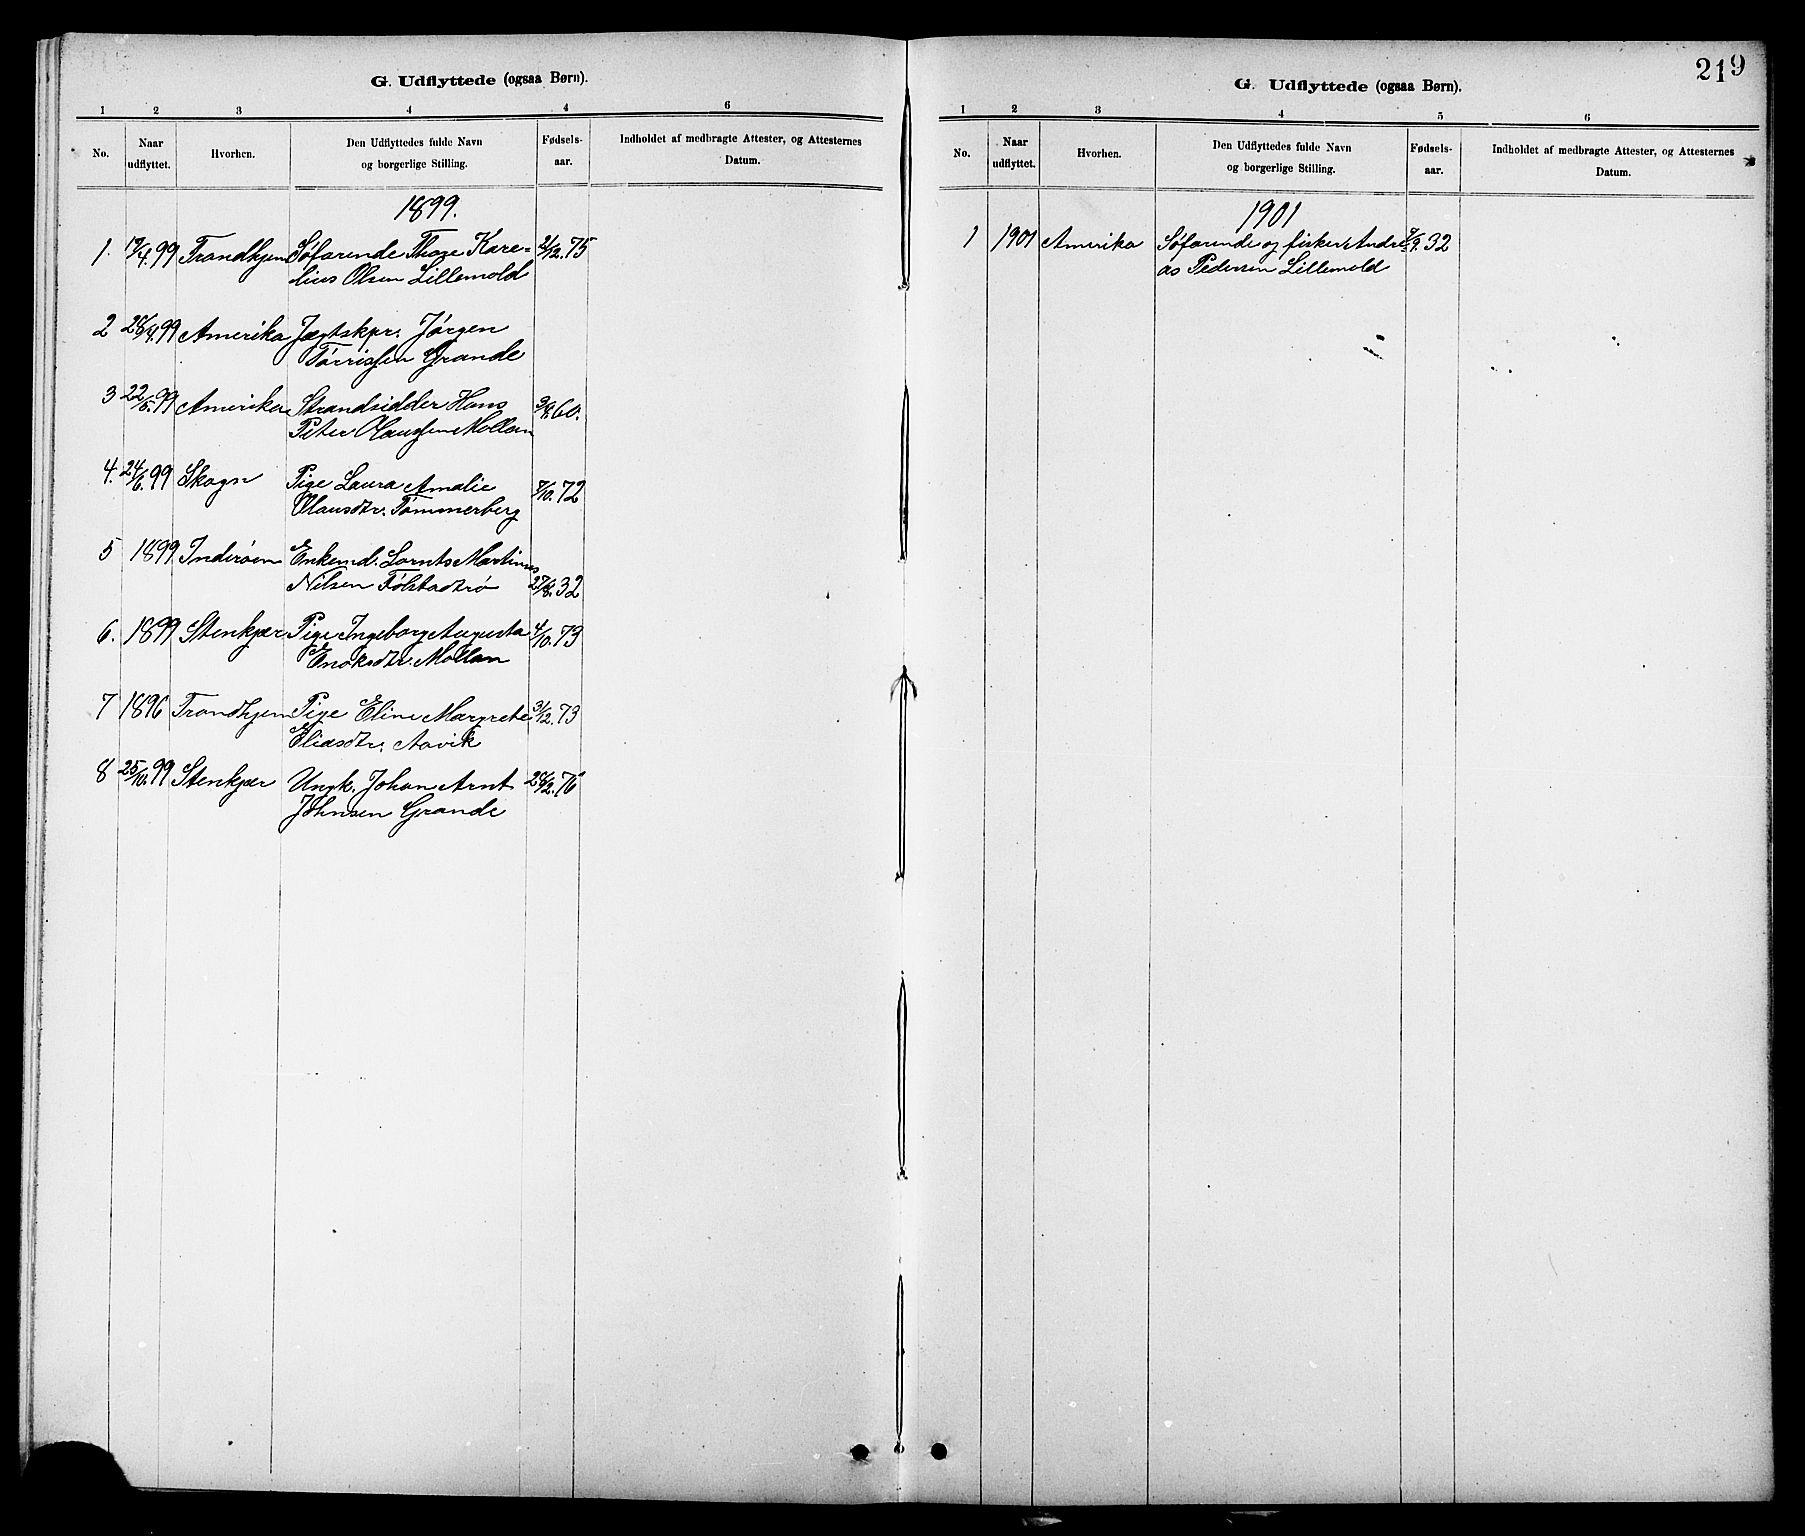 SAT, Ministerialprotokoller, klokkerbøker og fødselsregistre - Nord-Trøndelag, 744/L0423: Klokkerbok nr. 744C02, 1886-1905, s. 219